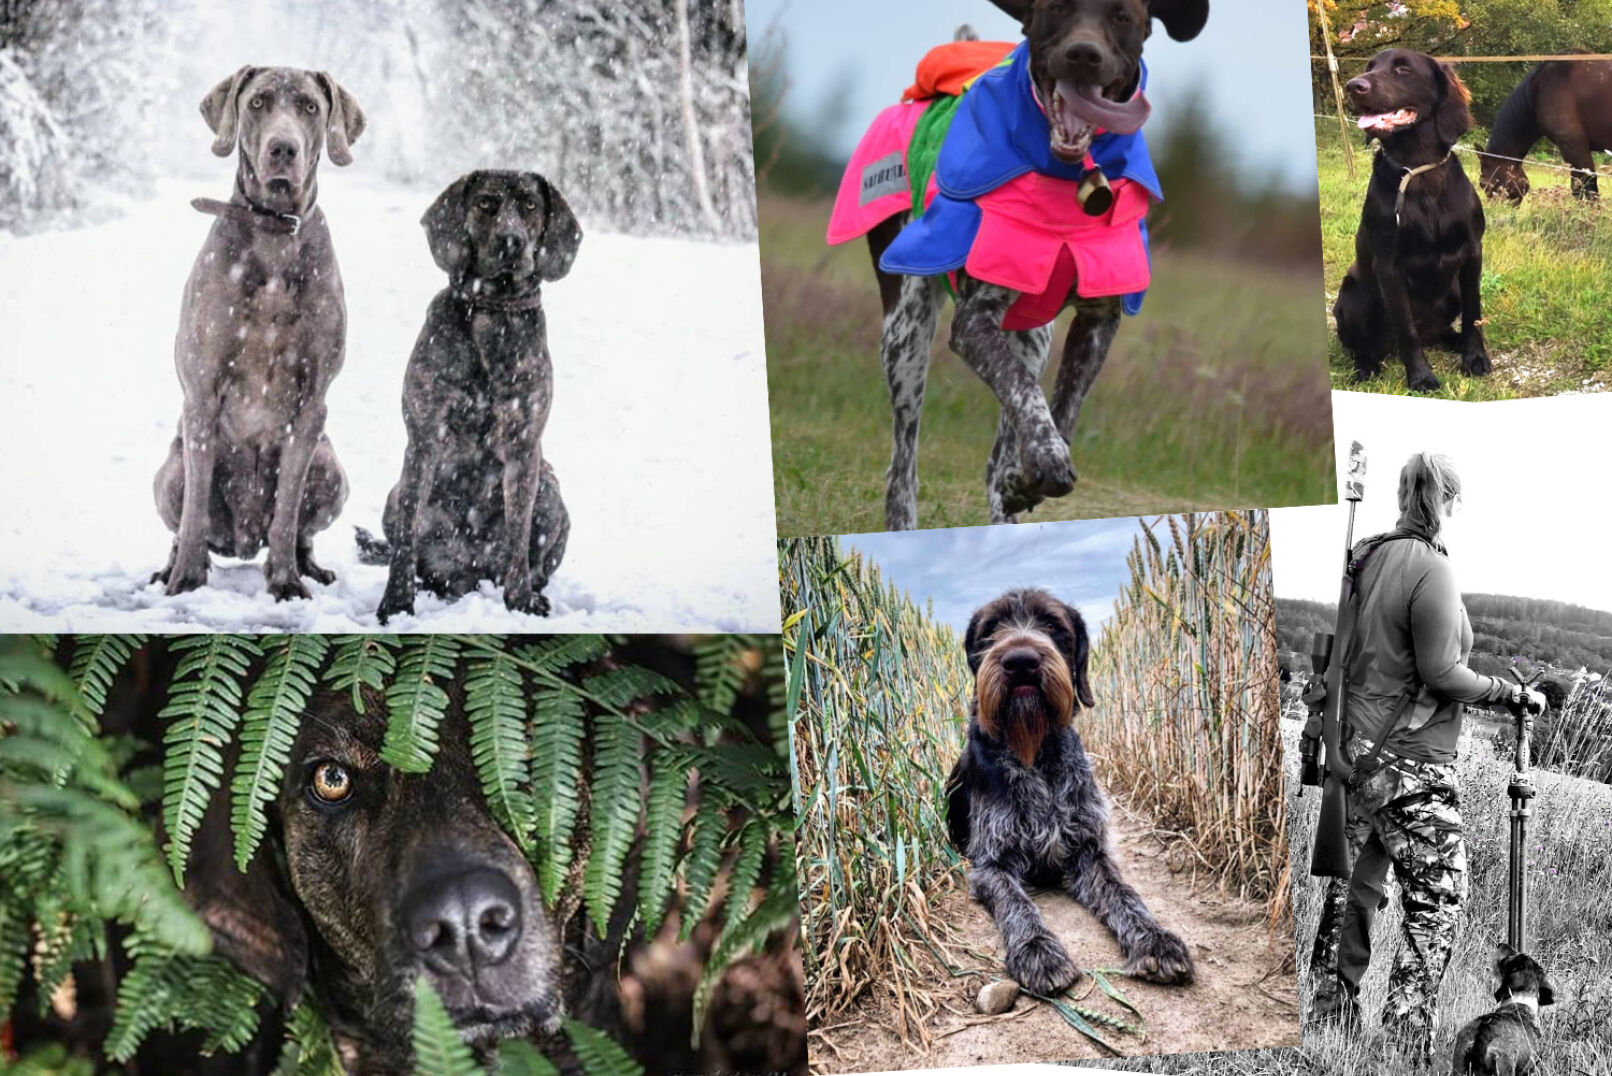 Ob Vorstehhund, Schweißhund oder etwa Bauhund - die Einsatzbereiche eurer Jagdhunde sind vielfältig!